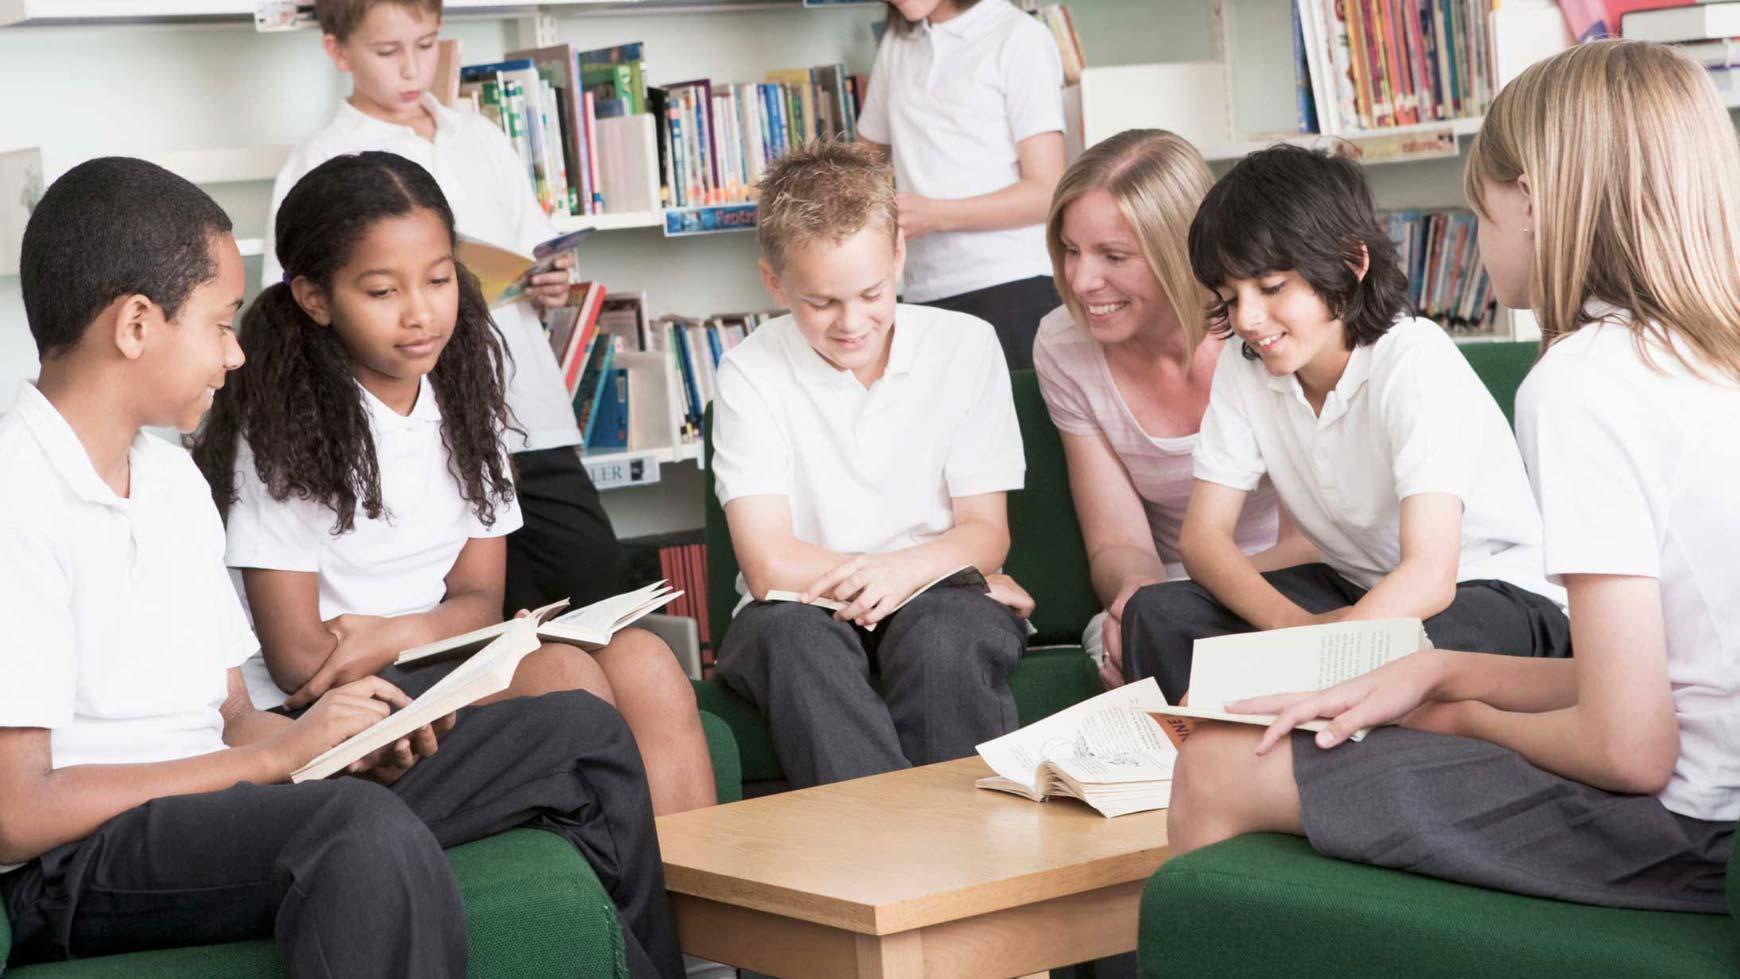 Giáo dục tích cực hướng đến giảm căng thẳng và tăng hạnh phúc cho cả học sinh và giáo viên. Ảnh minh họa: avivaeducation.com